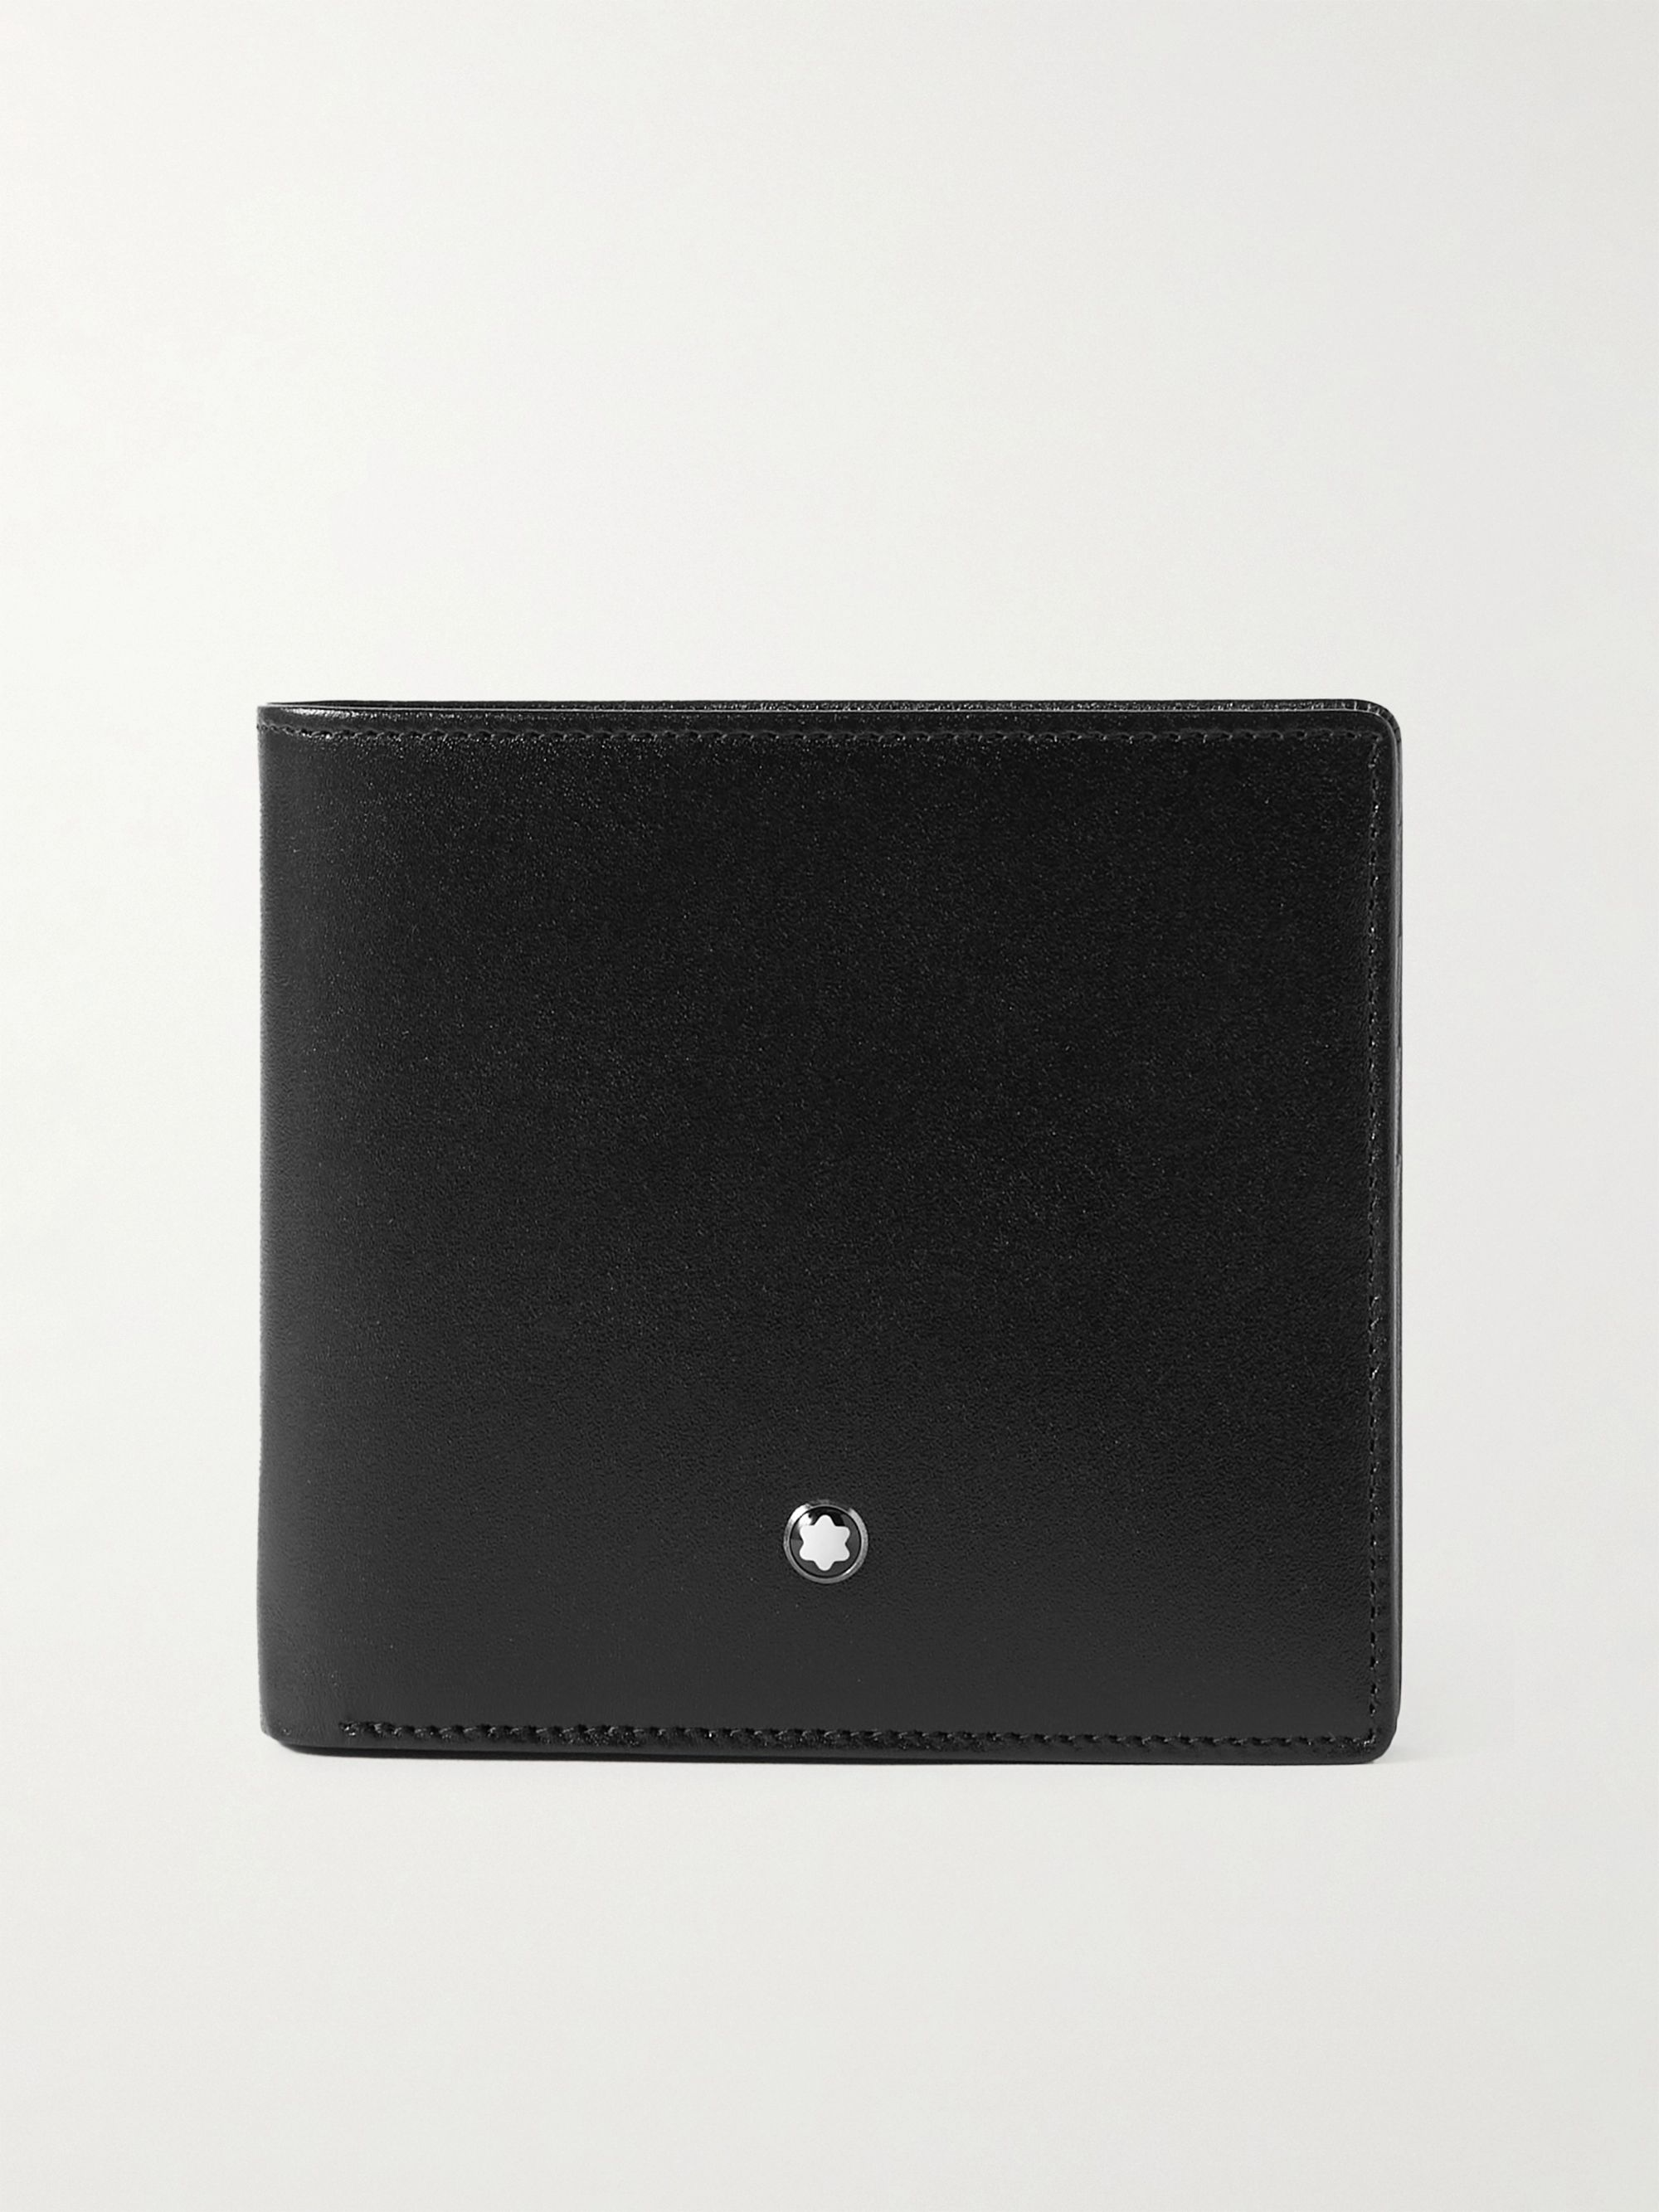 몽블랑 반지갑 Montblanc Meisterstueck Leather Billfold Wallet,Black